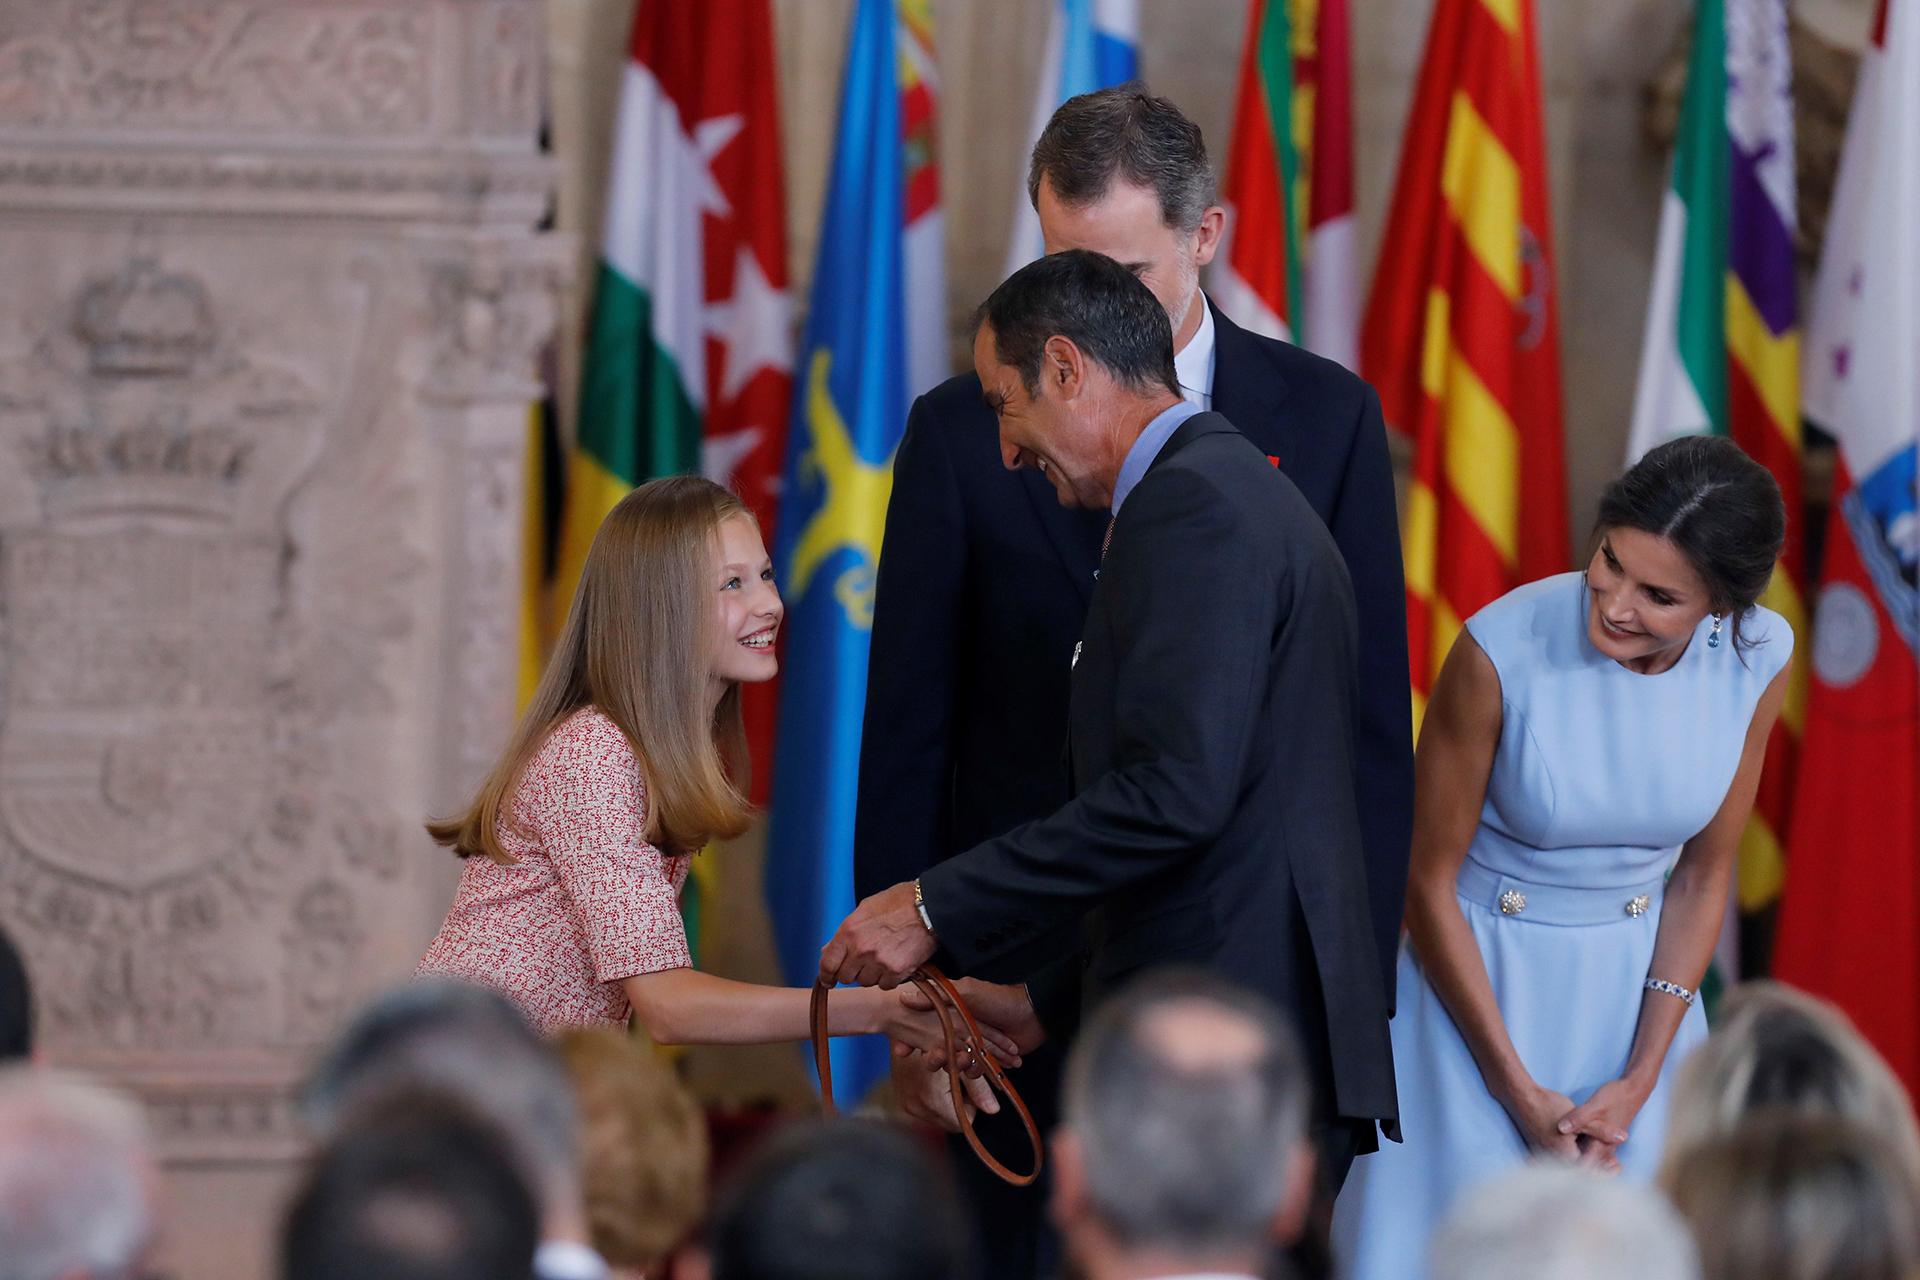 Felipe VI conmemoró su lustro de reinado con un acto en el Palacio Real. Se condecoraron a 41 ciudadanos de toda España, de entre 19 y 107 años, y considerados un ejemplo para la sociedad civil